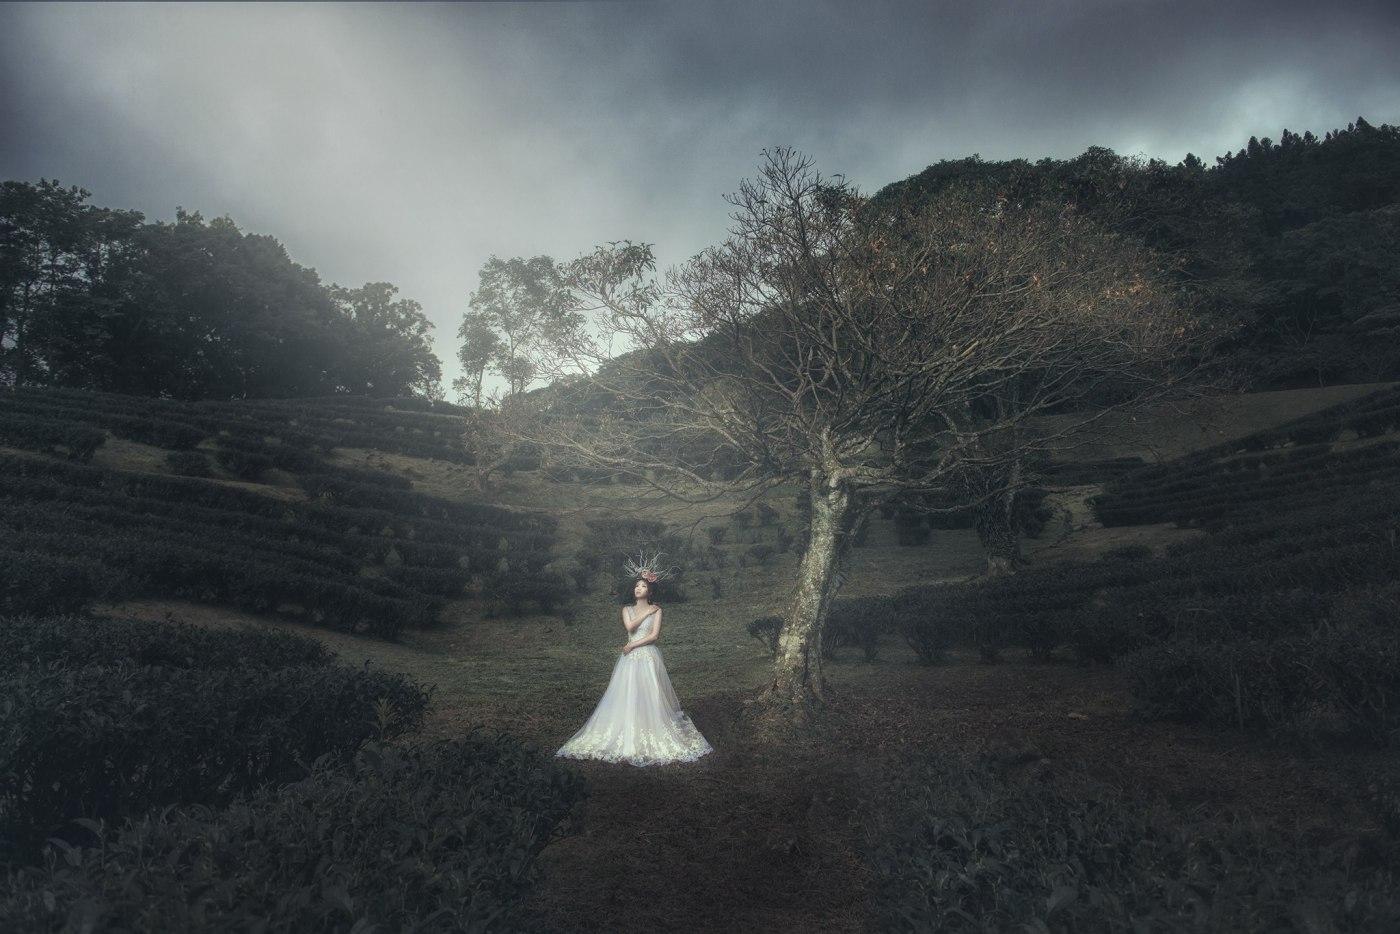 婚紗造型|新娘妝容|花頭飾|白紗|台北新秘|新秘雨晴|嗨攝影|EASTERN WEDDING